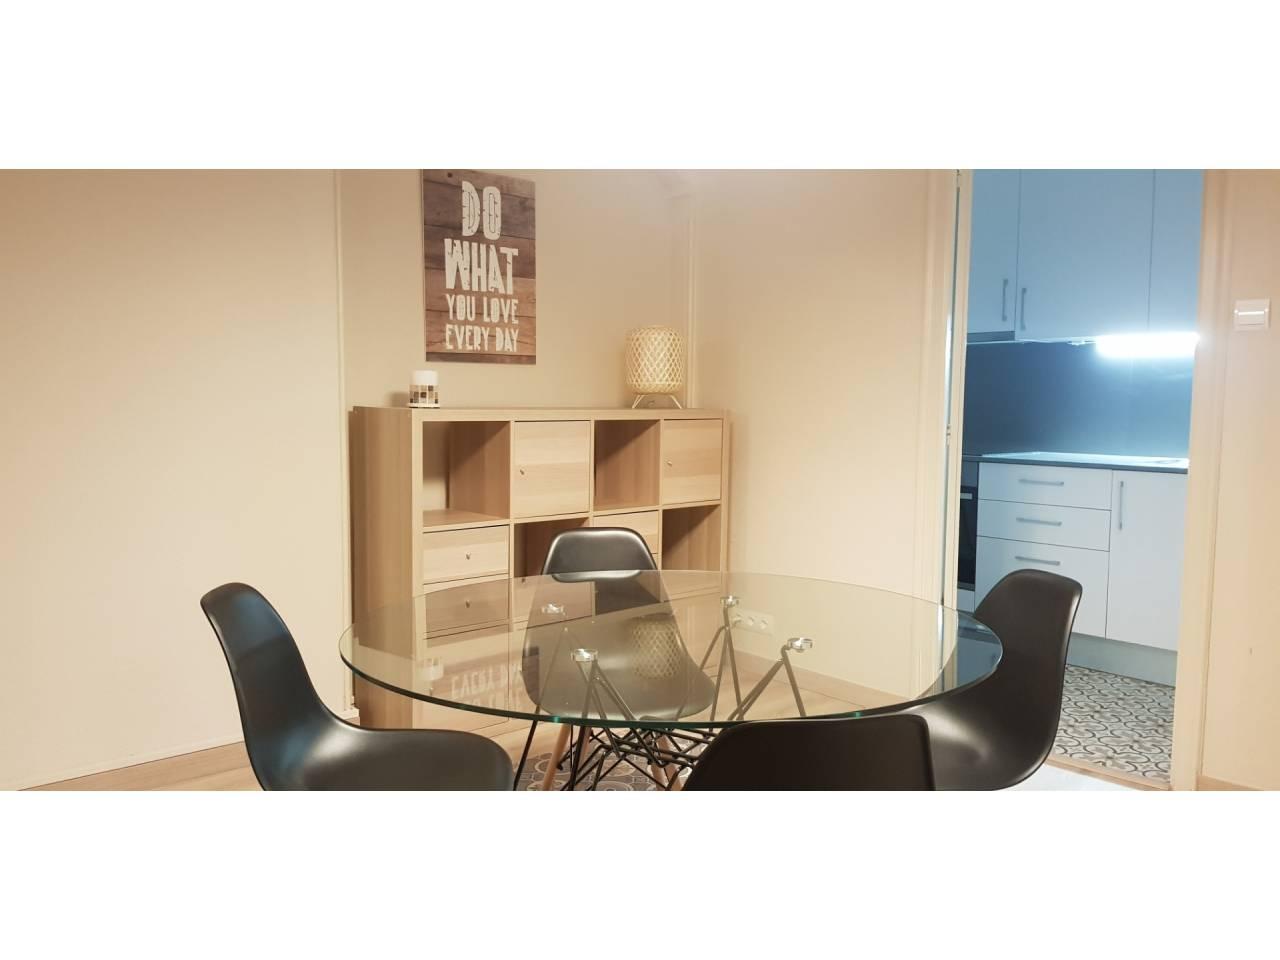 Alquiler Piso  Calle la cort. Altura piso 1º, piso superficie total 88 m², superficie útil 88